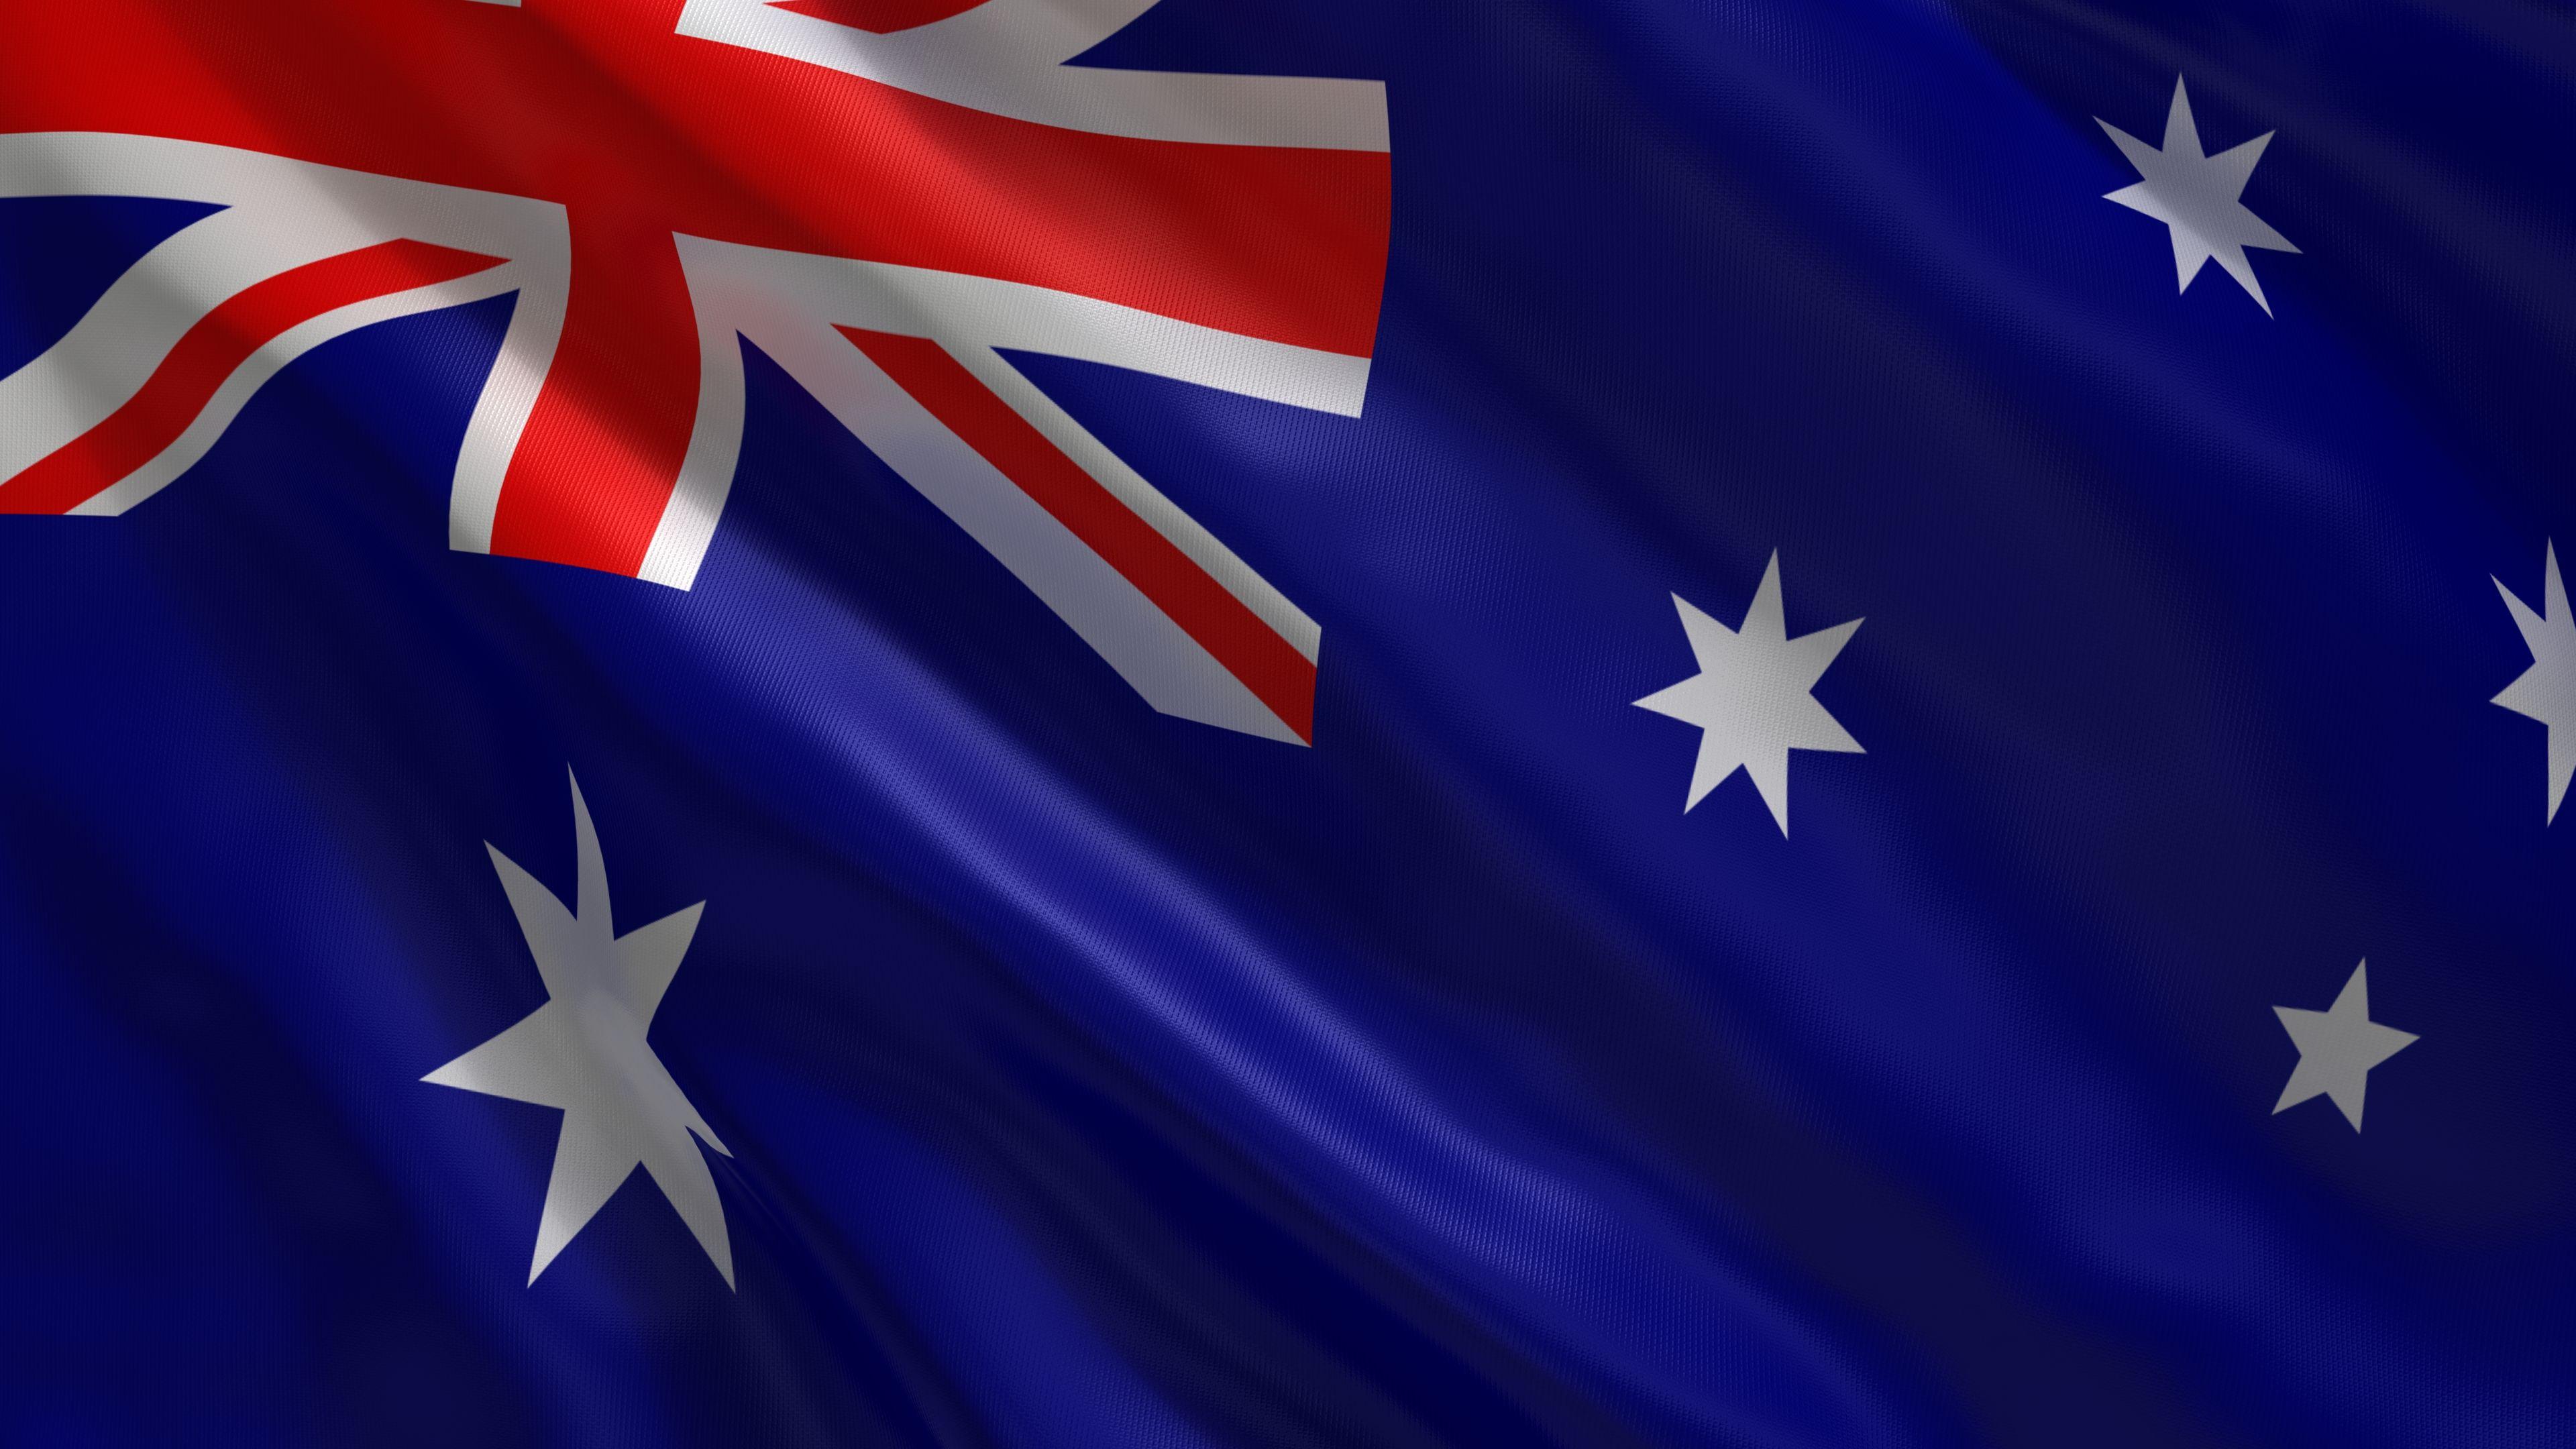 Australia Bandera Flag Banderas Del Mundo Banderas Bandera